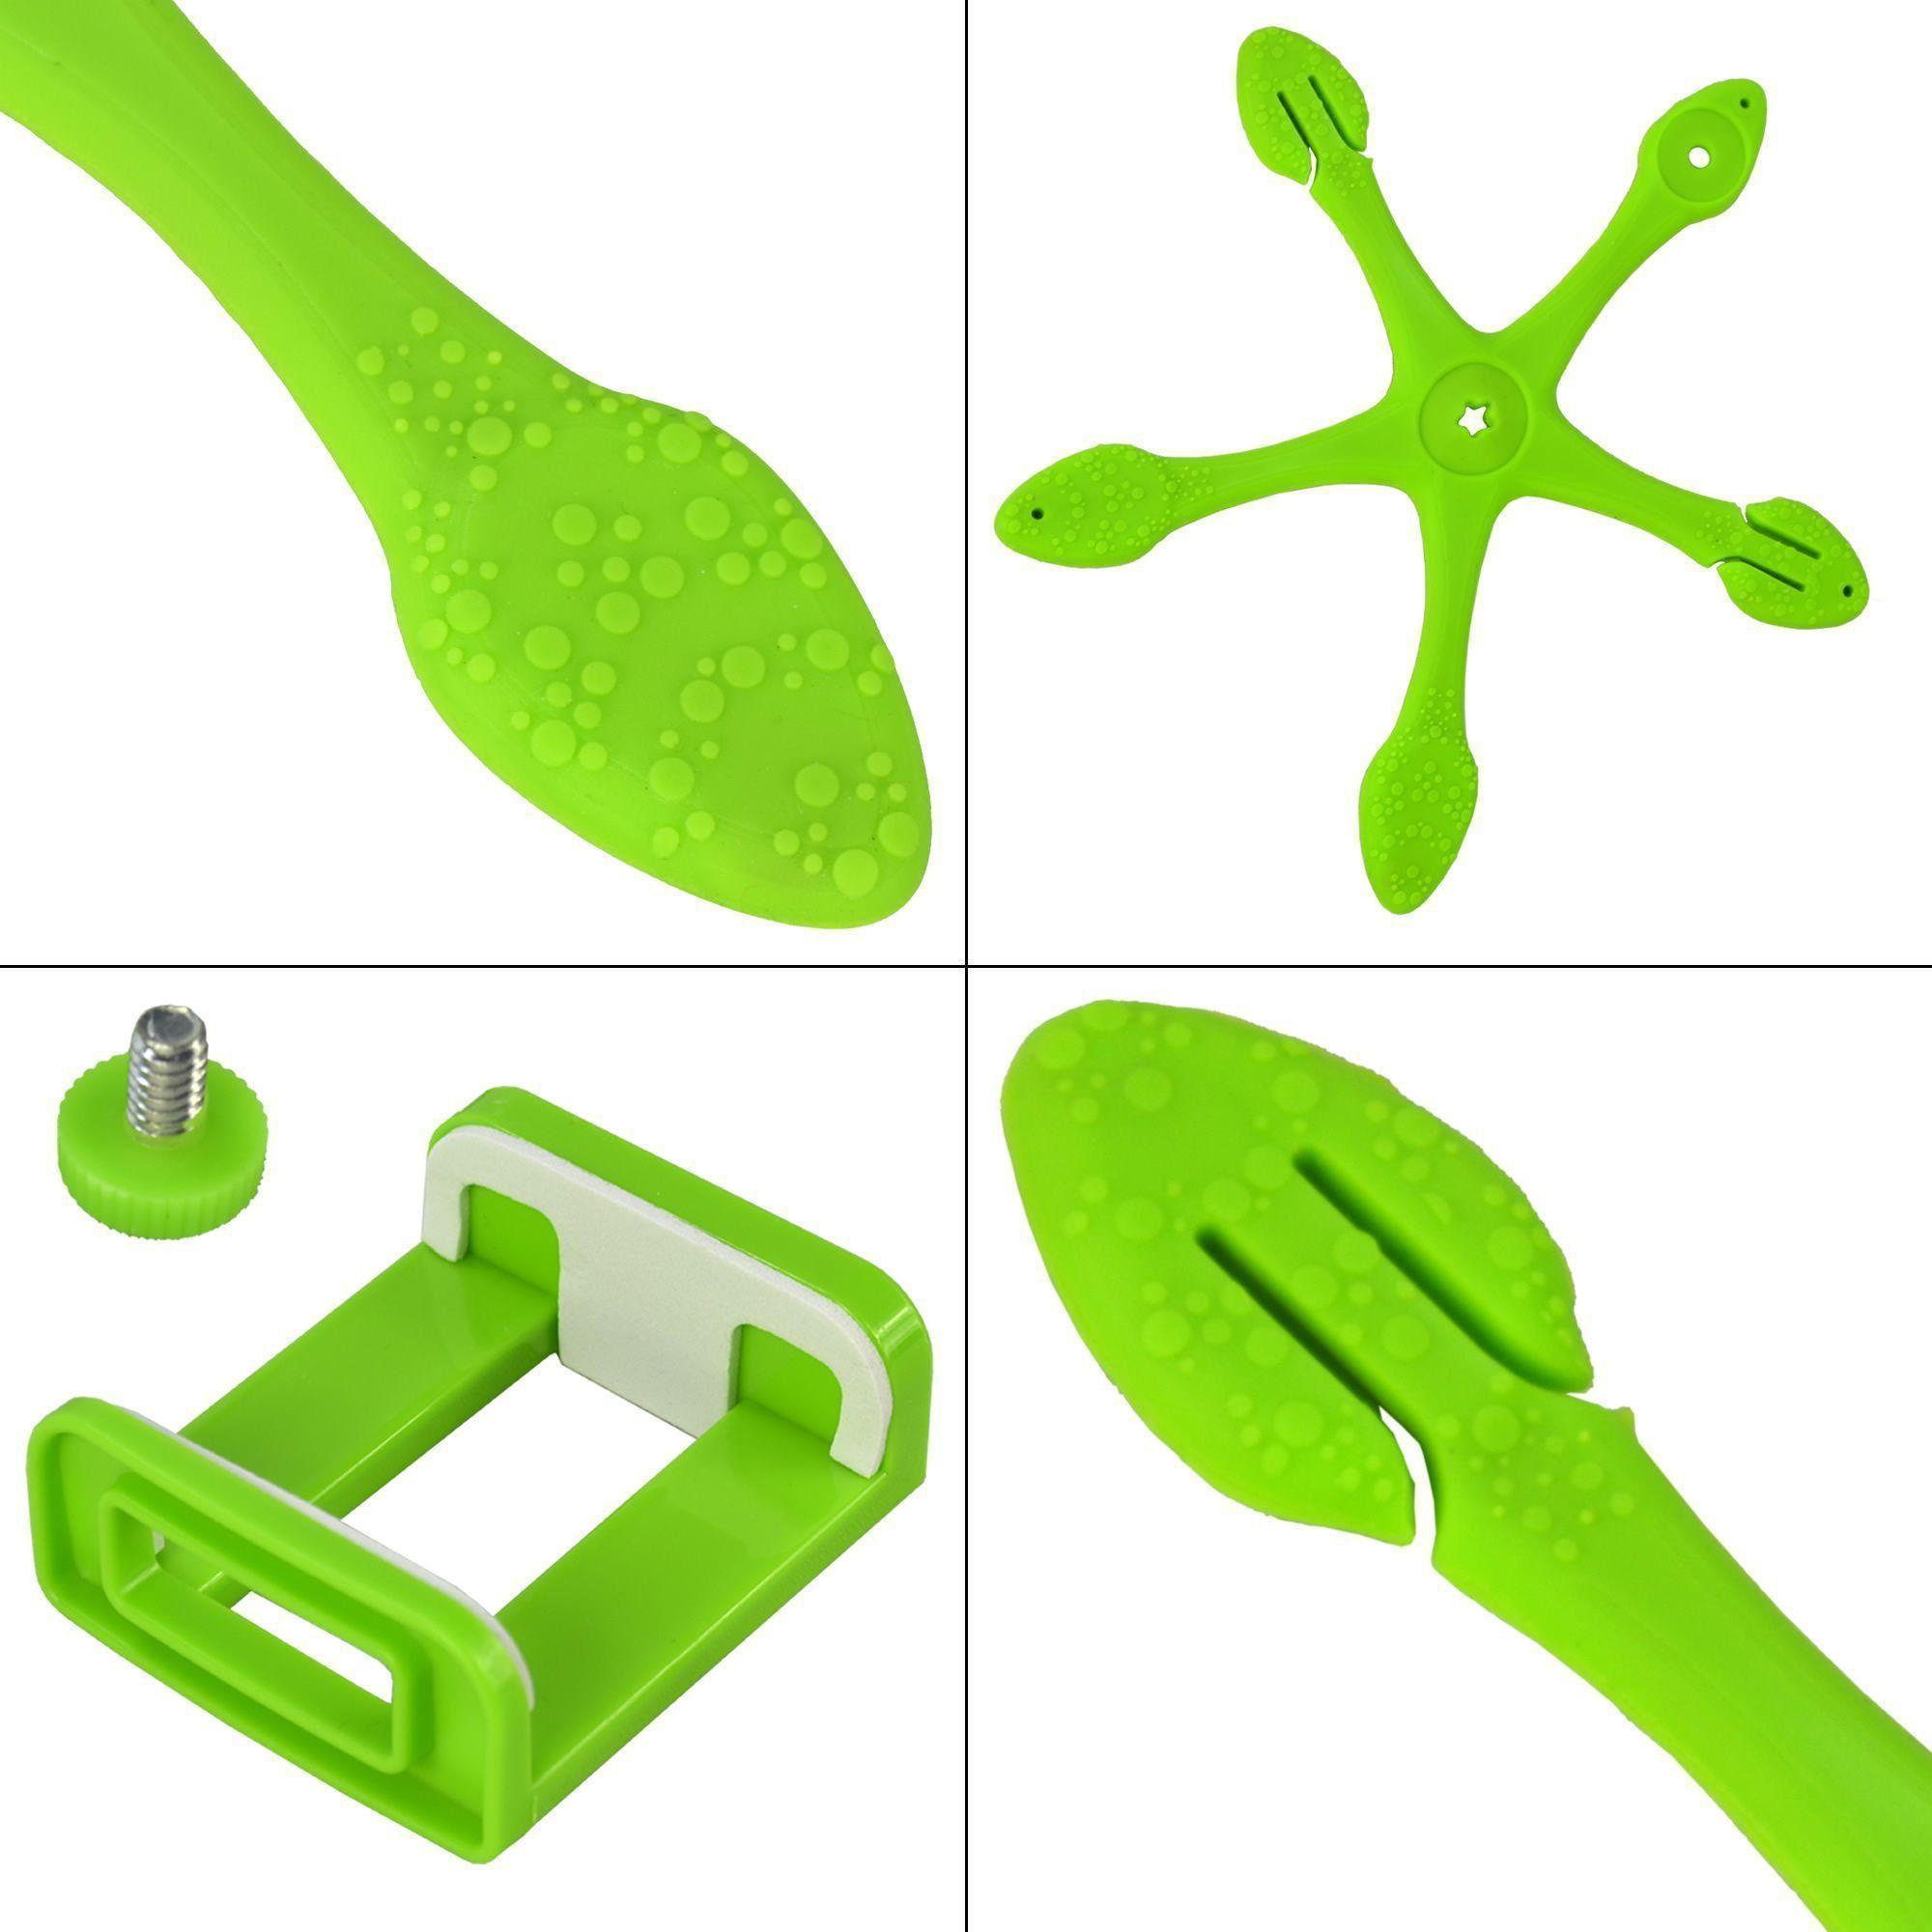 Suporte Para Celular Flexível Tripod Verde CBRN06410